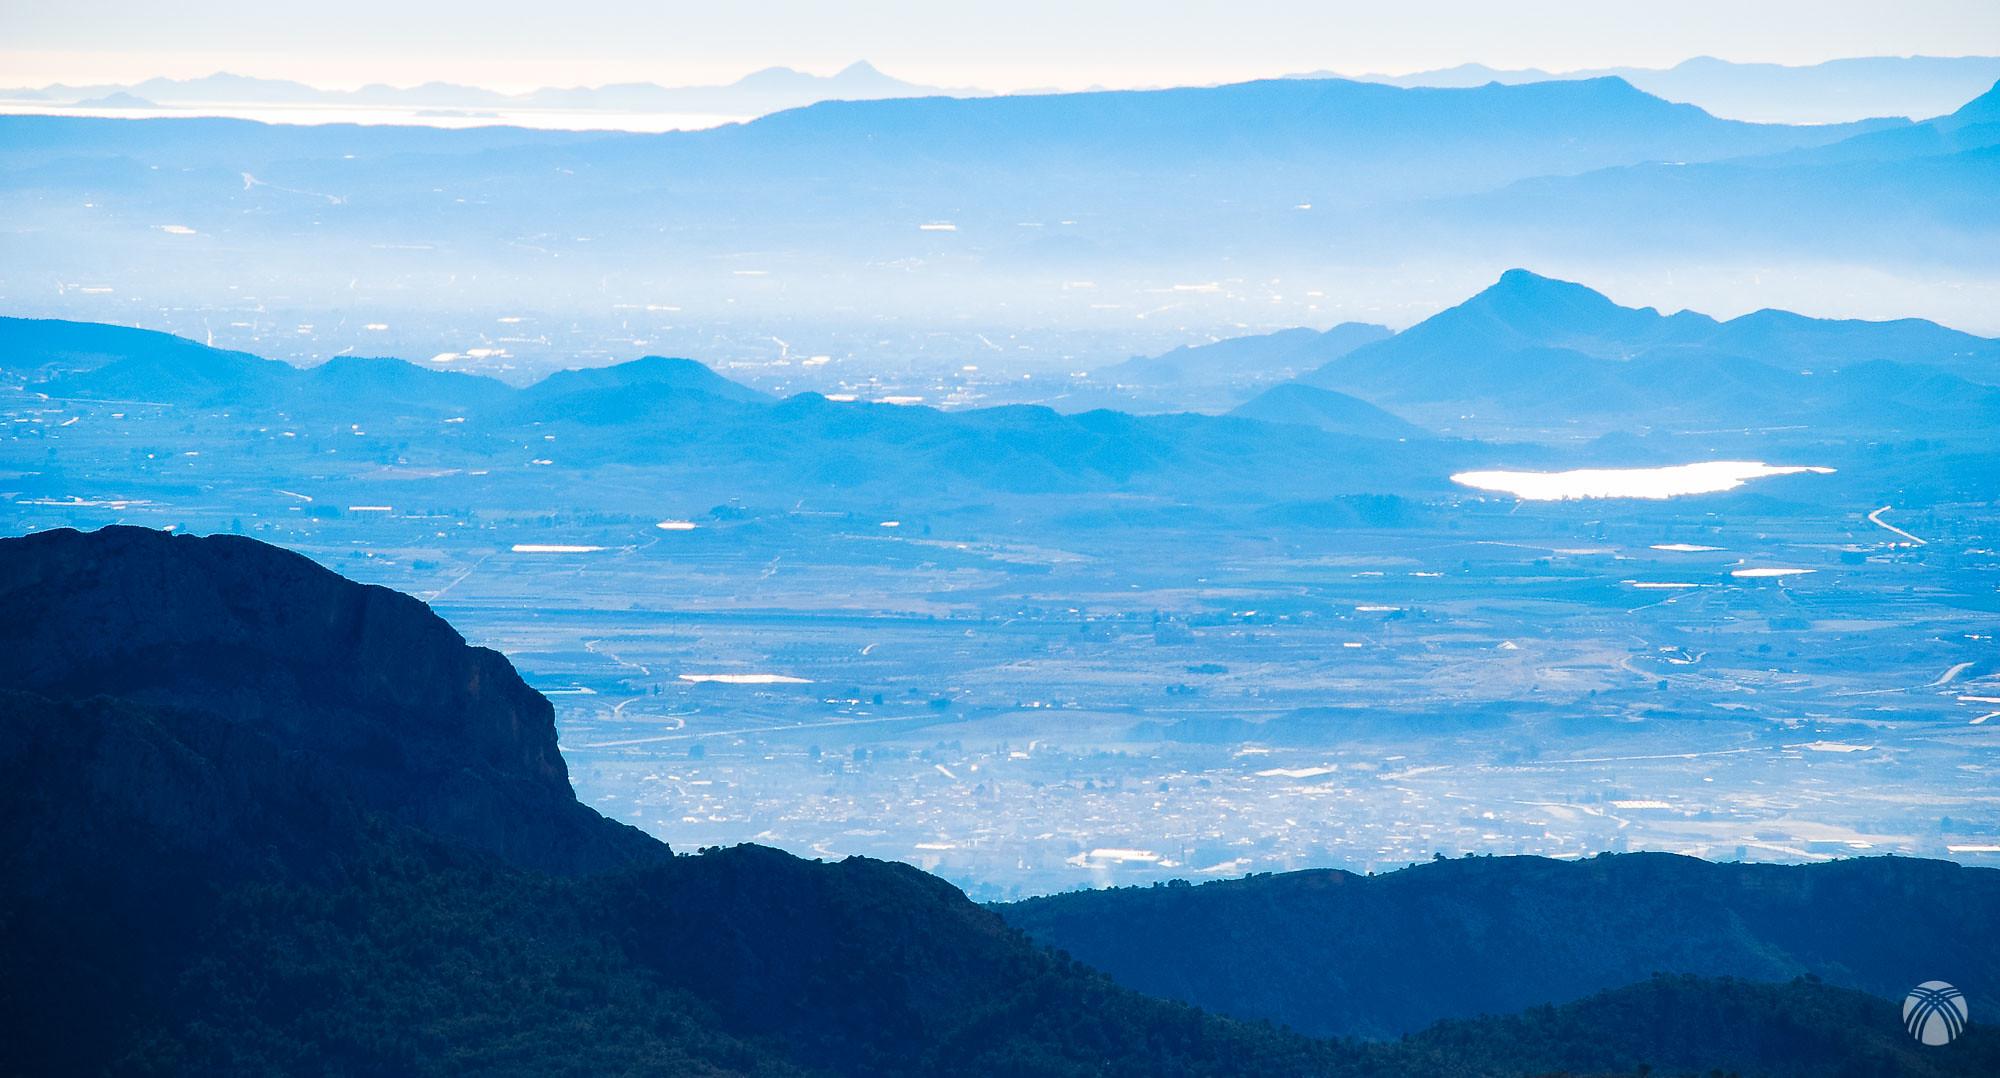 Mirando hacia el sur. Fortuna en primer plano. Embalse de Santomera, el Bermejo y al fondo el Mar Menor con el Pico de las Cenizas